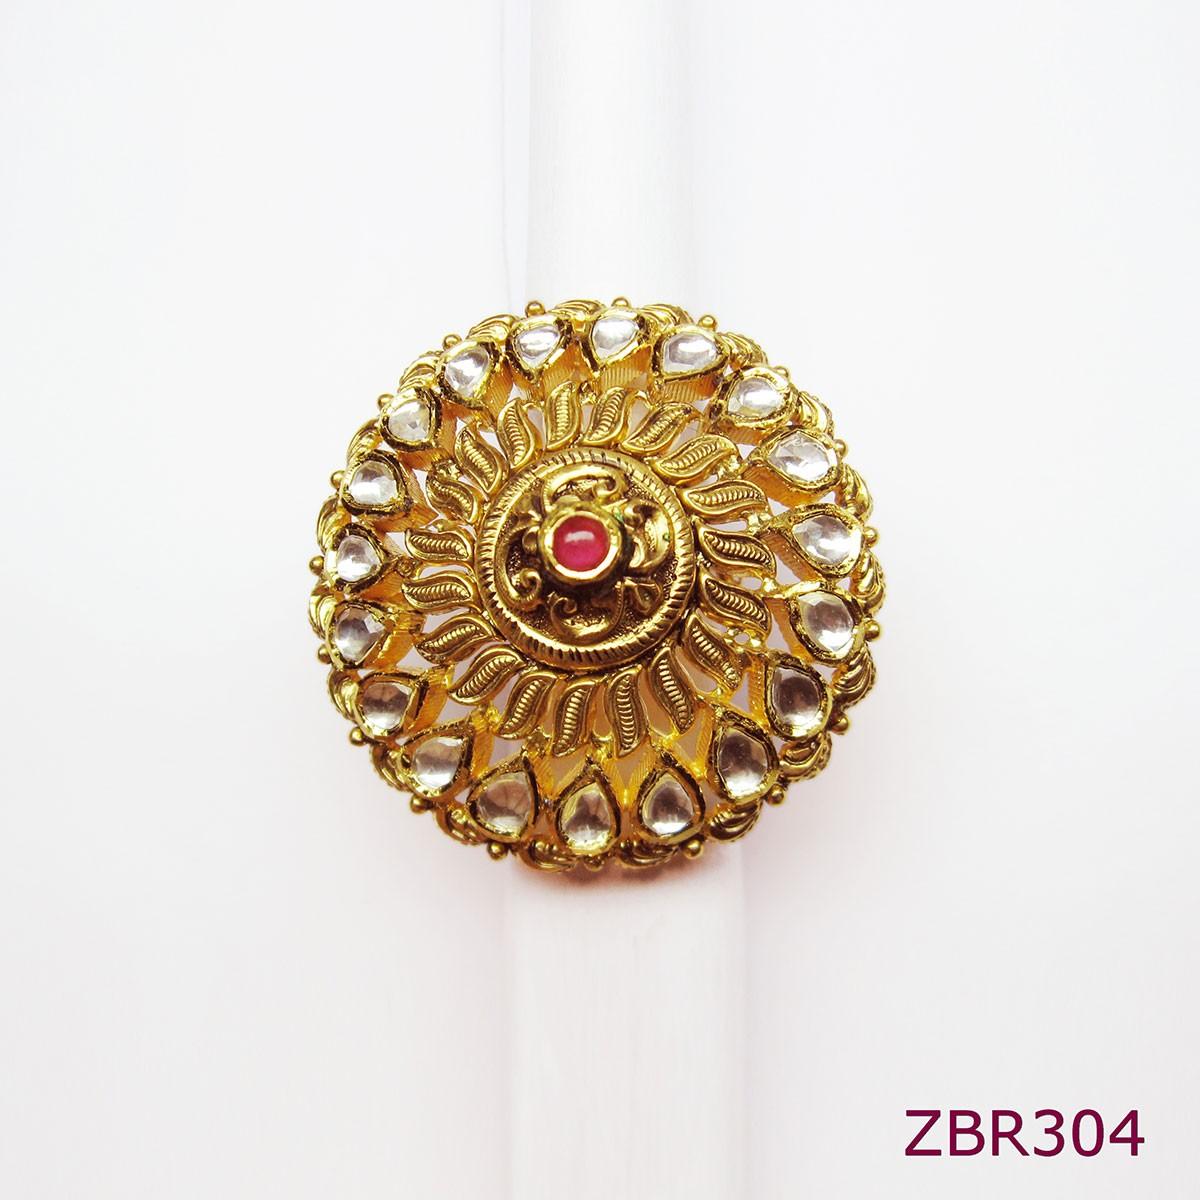 ZBR304